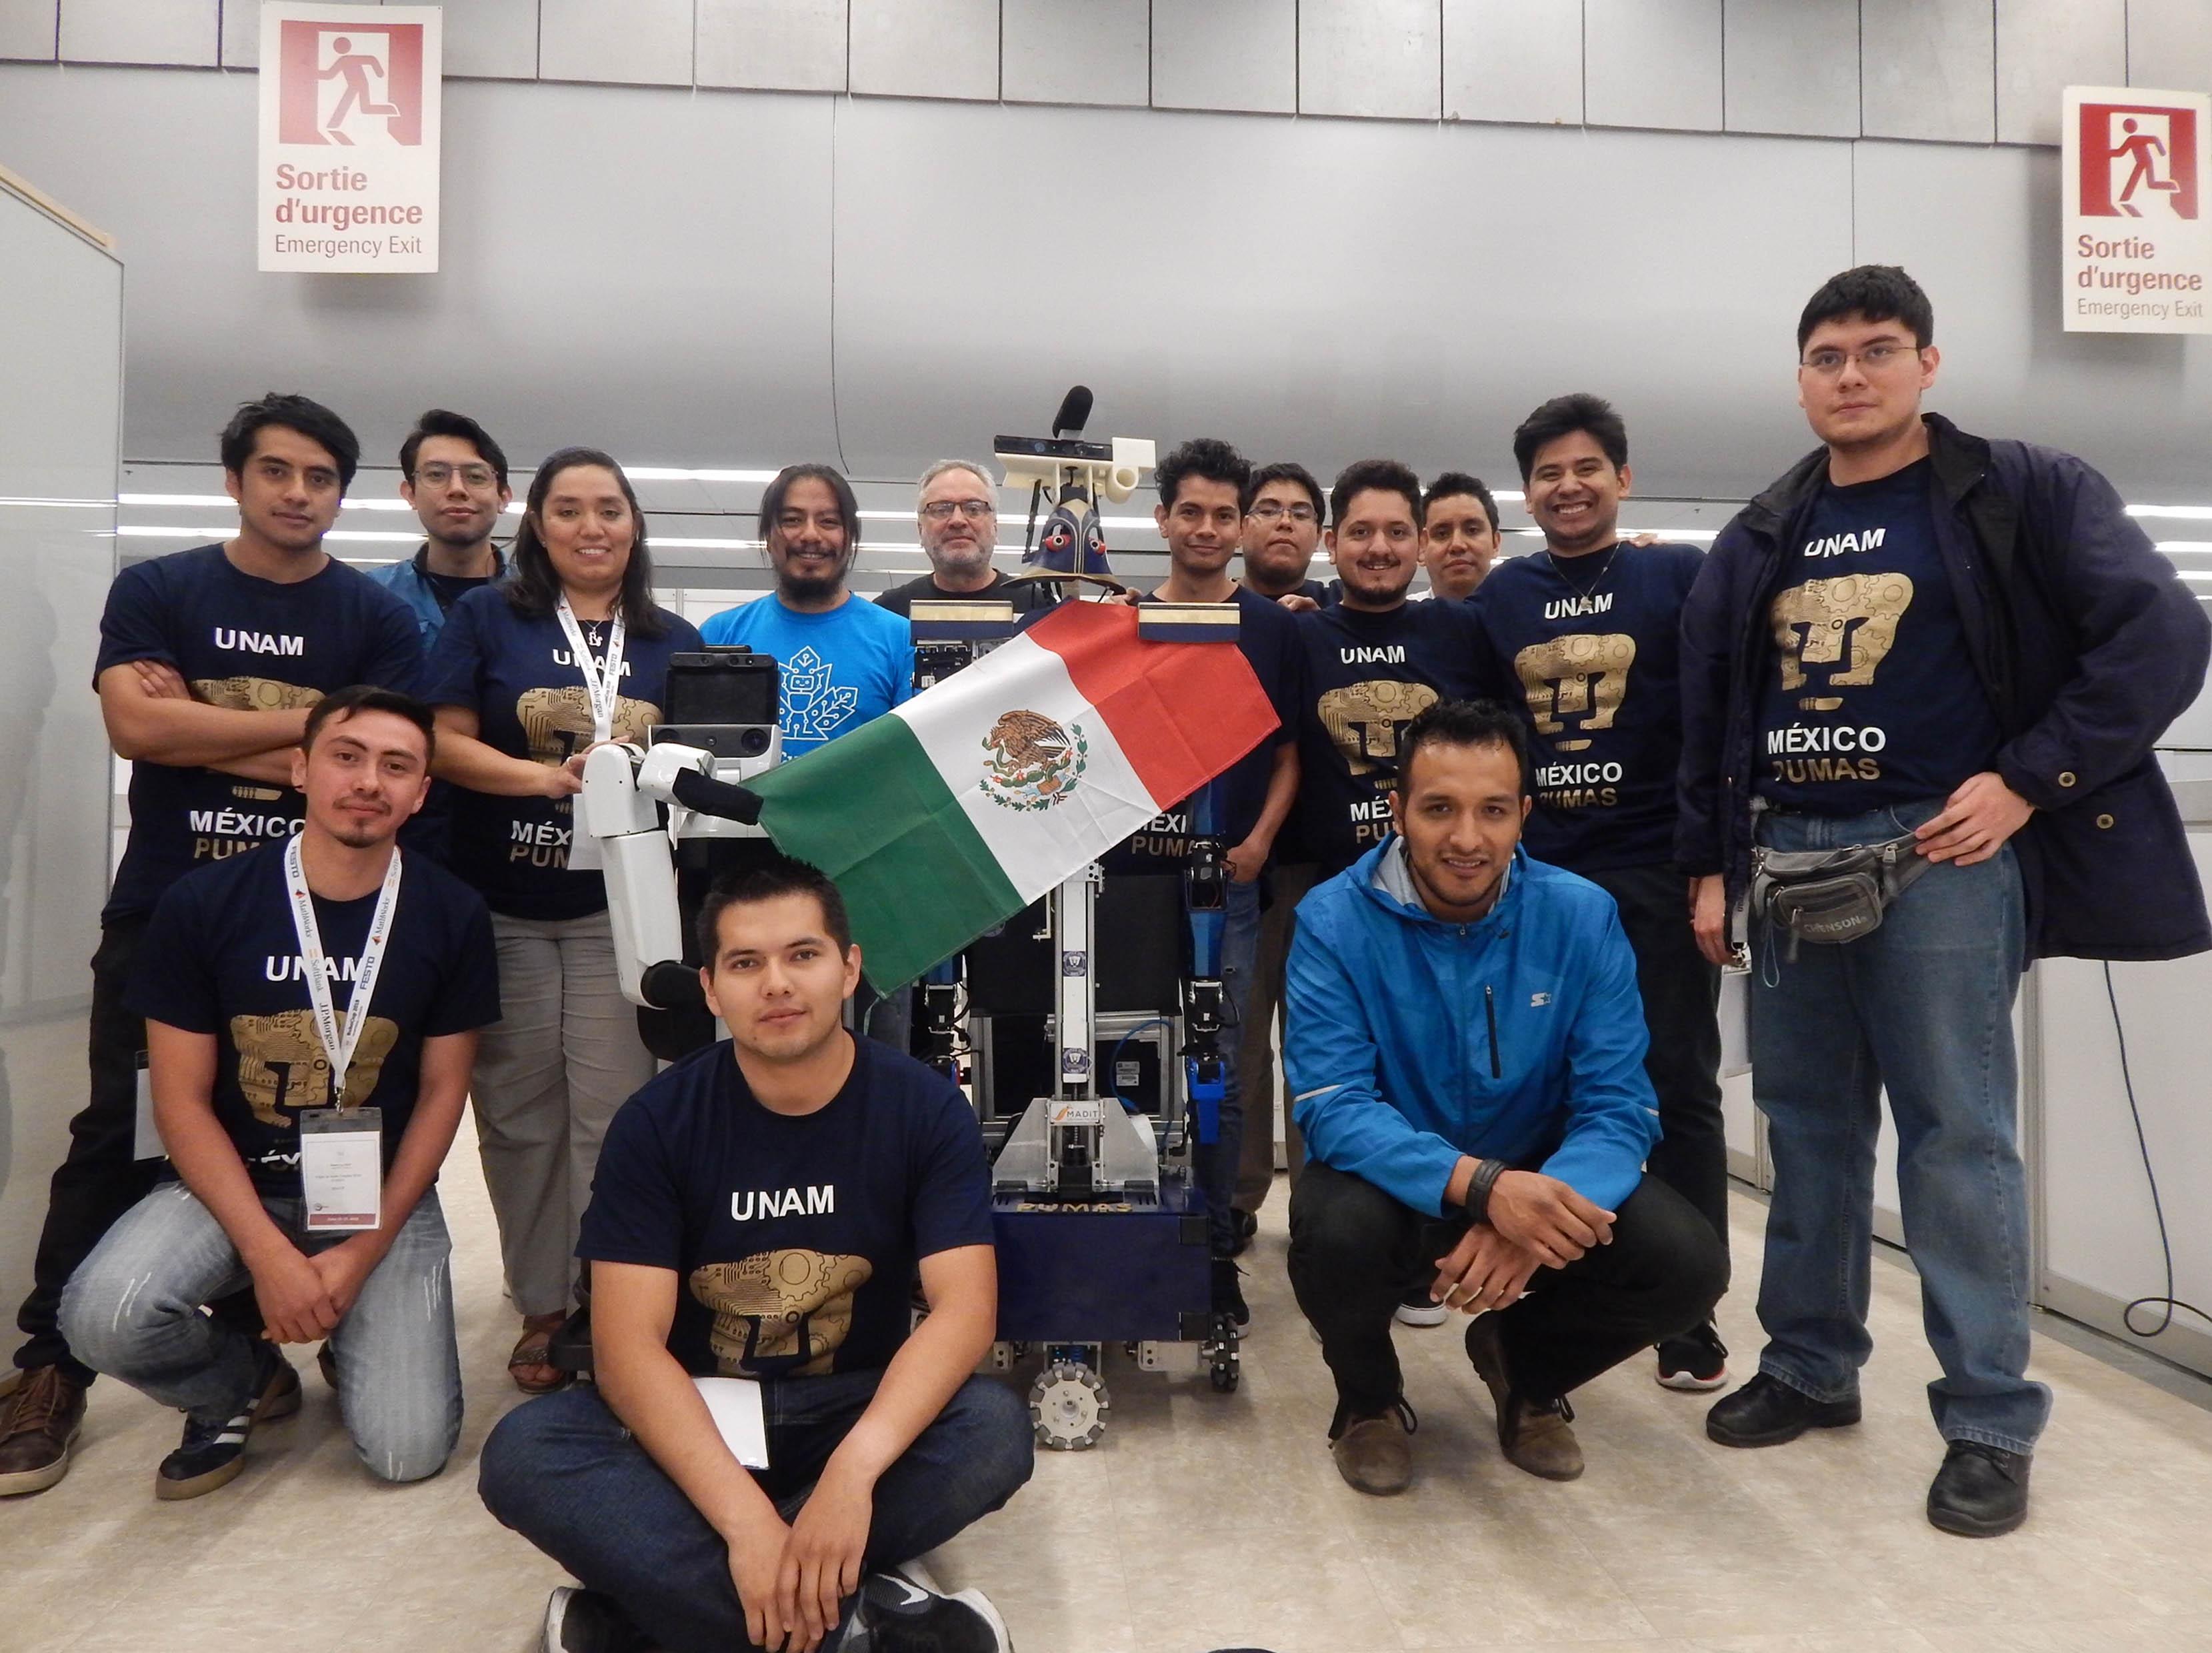 JUSTINA Y TAKESHI, ROBOTS DE LA FACULTAD DE INGENIERÍA, GANAN EN TORNEO INTERNACIONAL